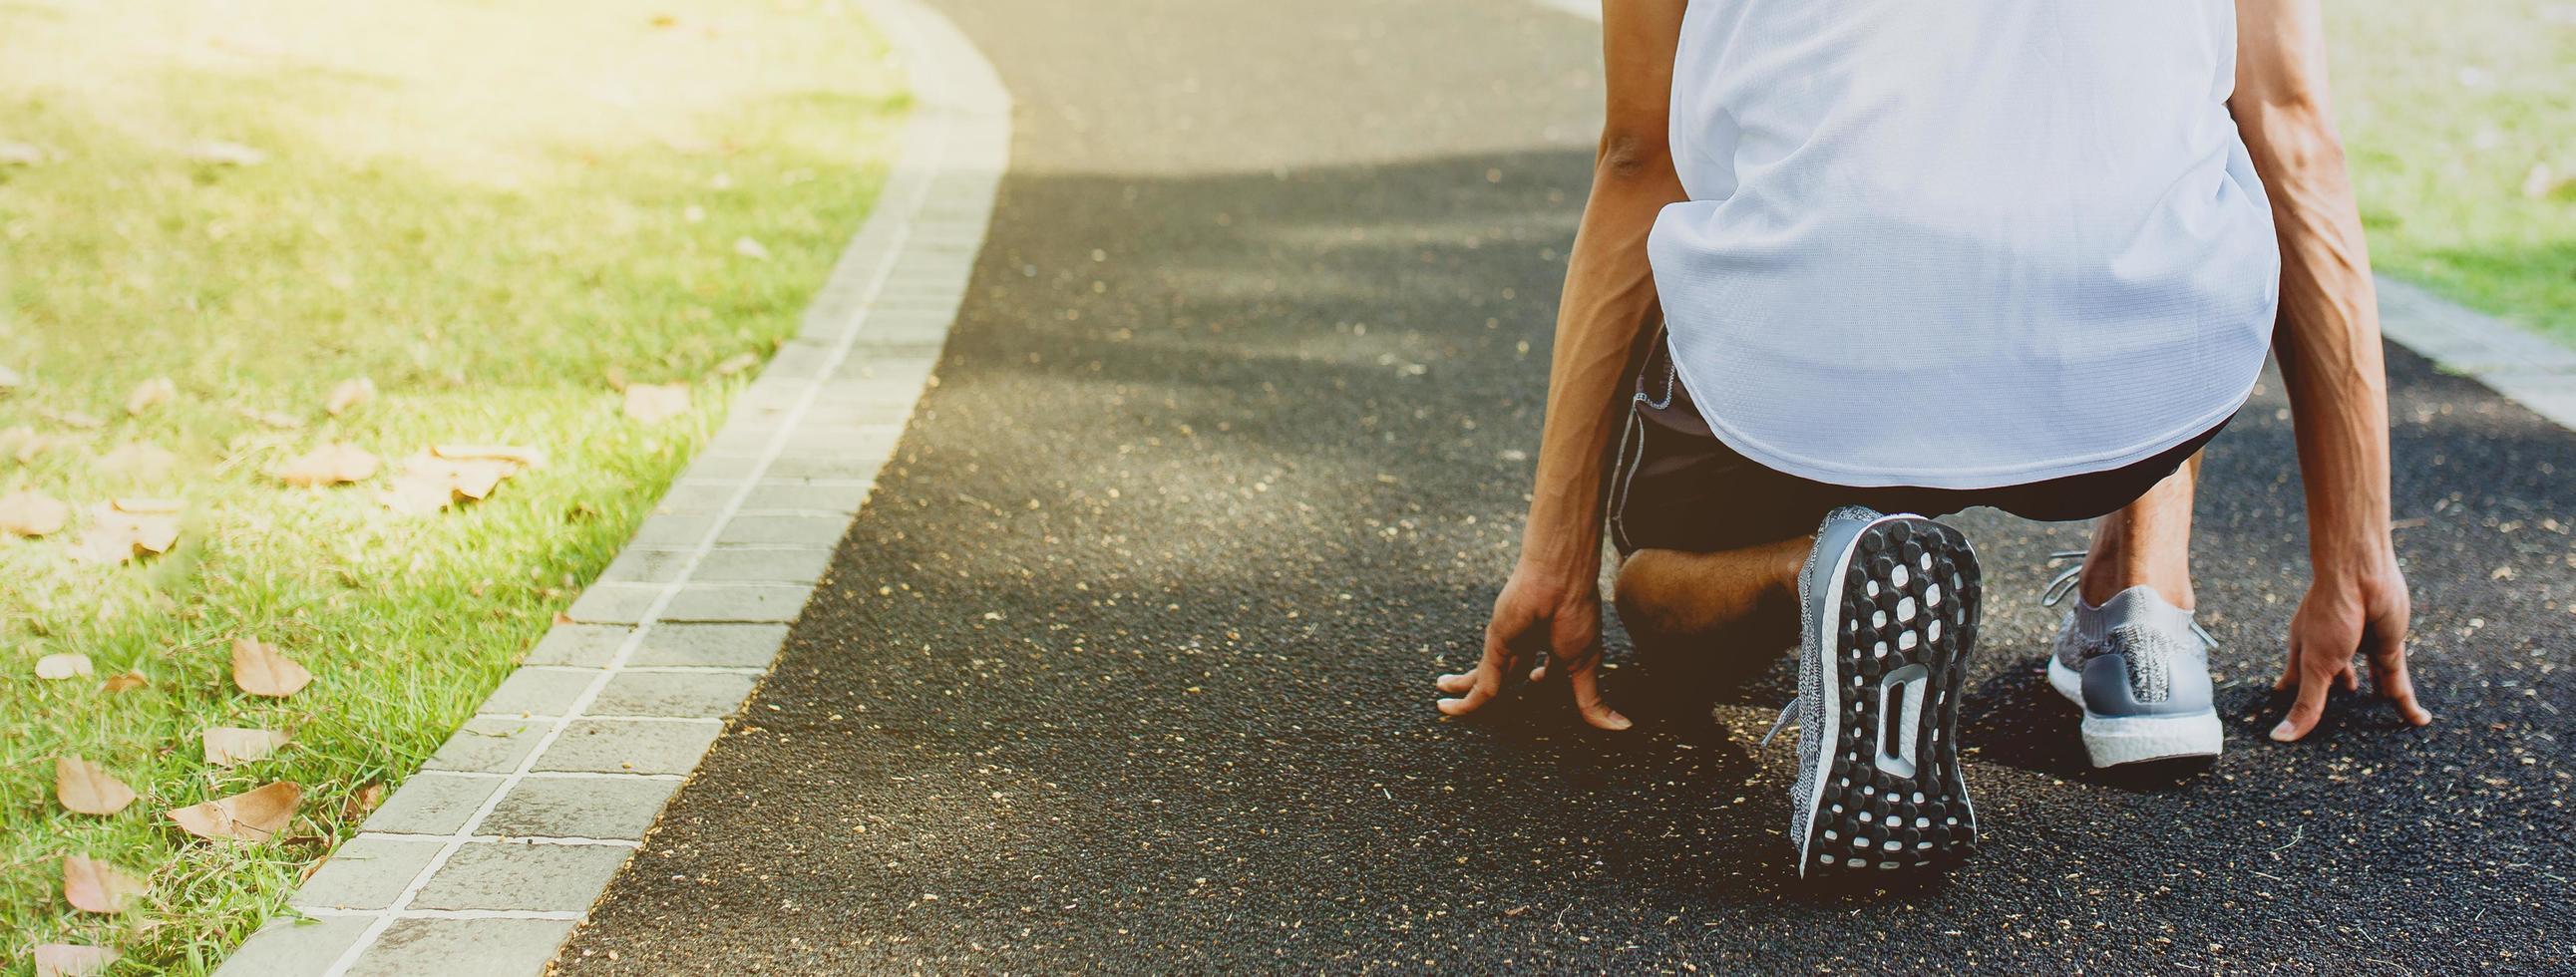 atleta in esecuzione inizio posa nel parco pubblico foto